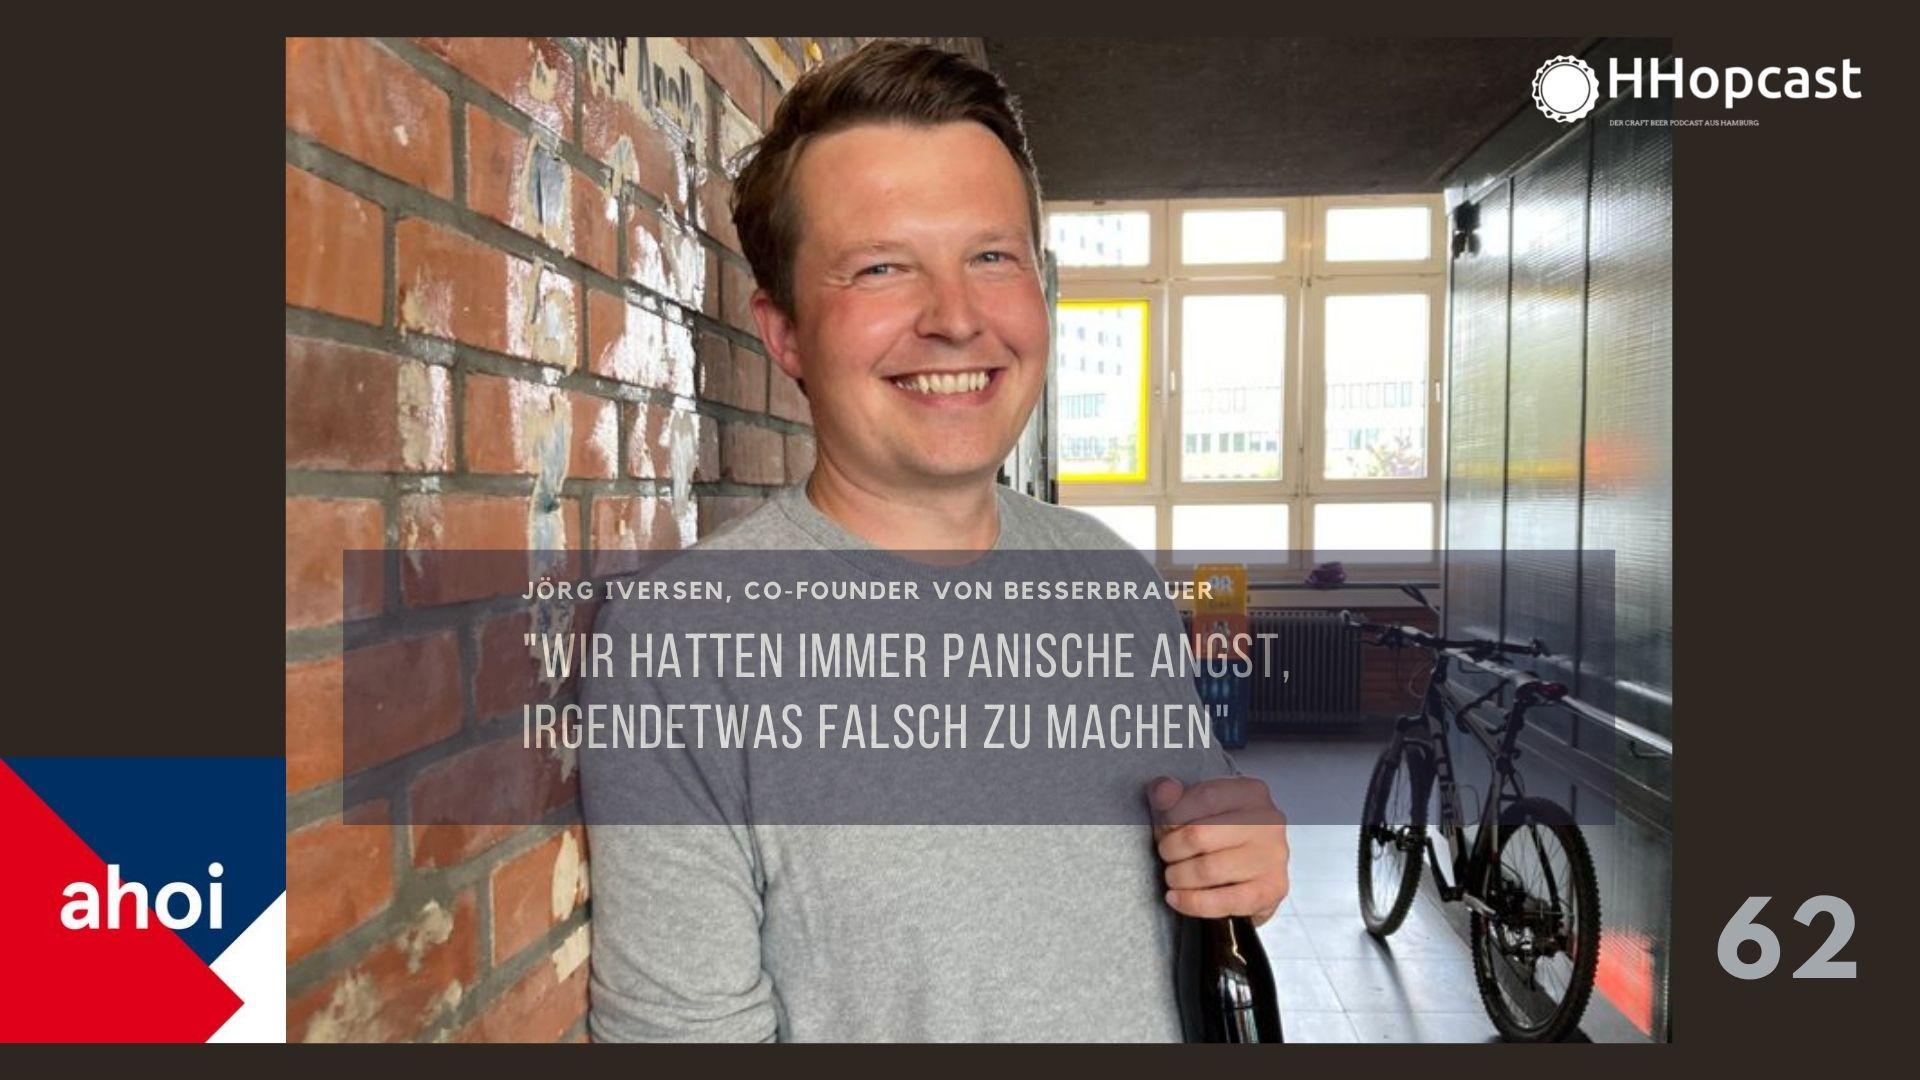 Jörg Iversen von Besserbrauer zu Gast bei HHopcast